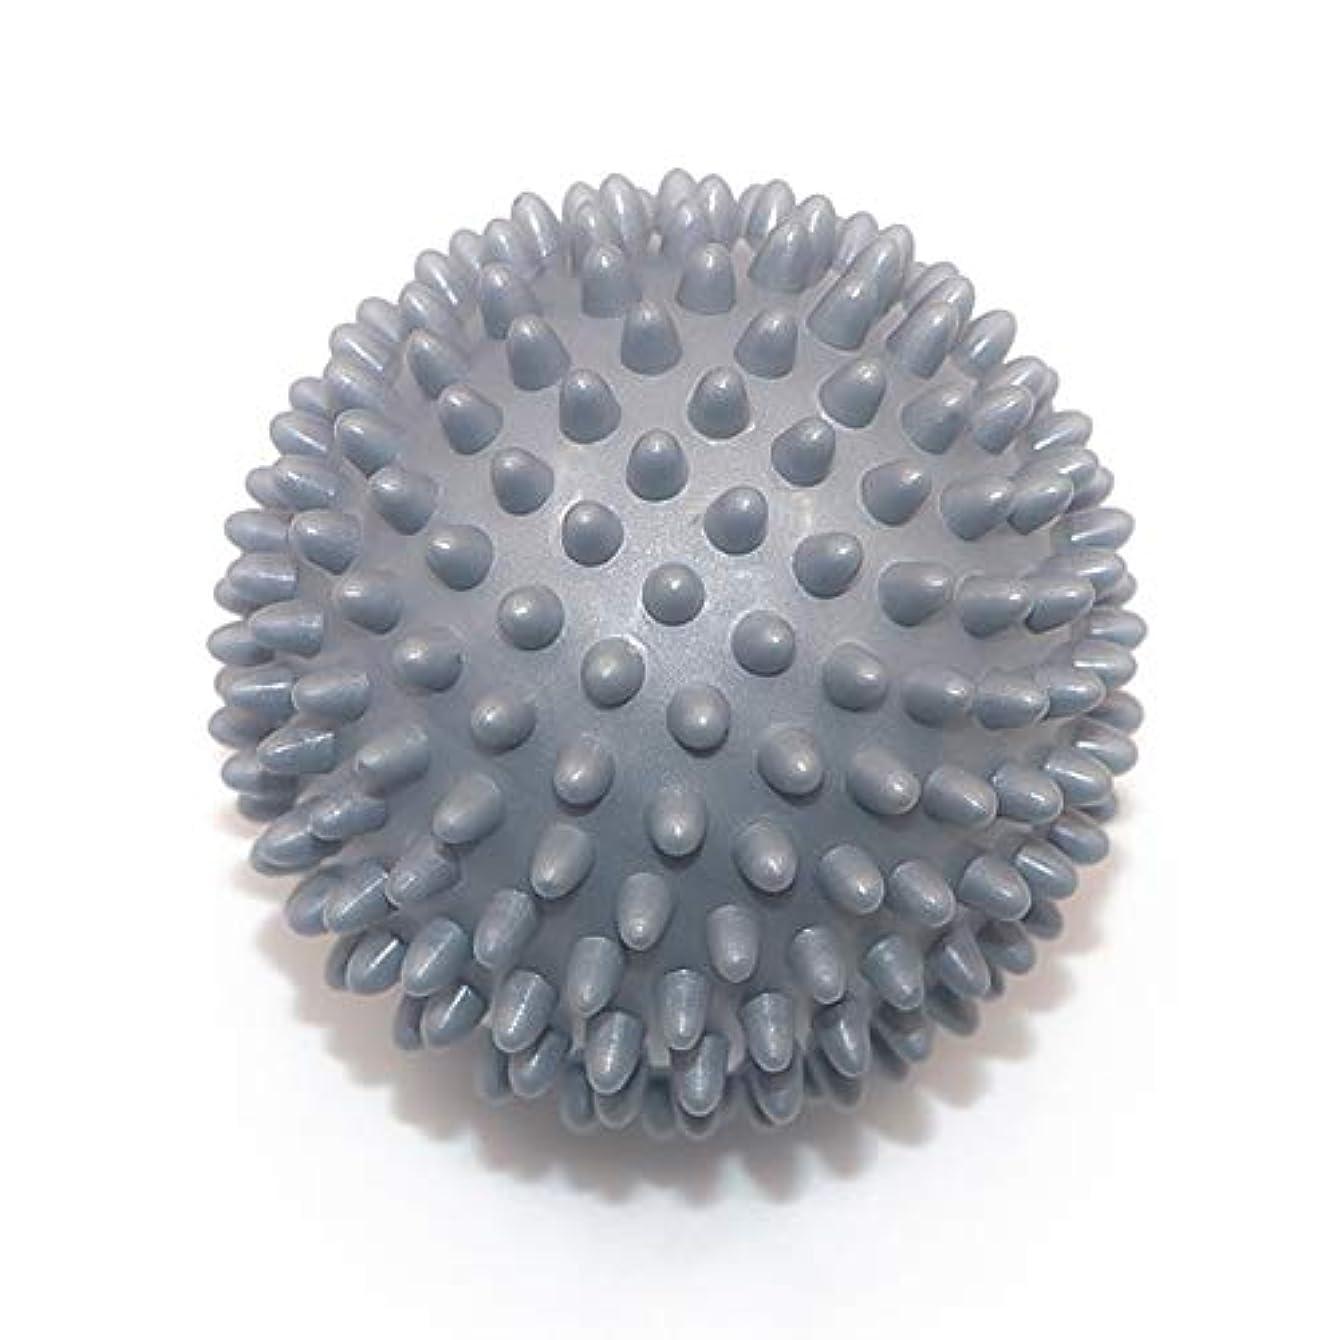 五月信じられない管理しますLiti マッサージボール リハビリ 触覚ボール リフレクションボール 筋膜リリース リハビリ マッサージ用 グレー